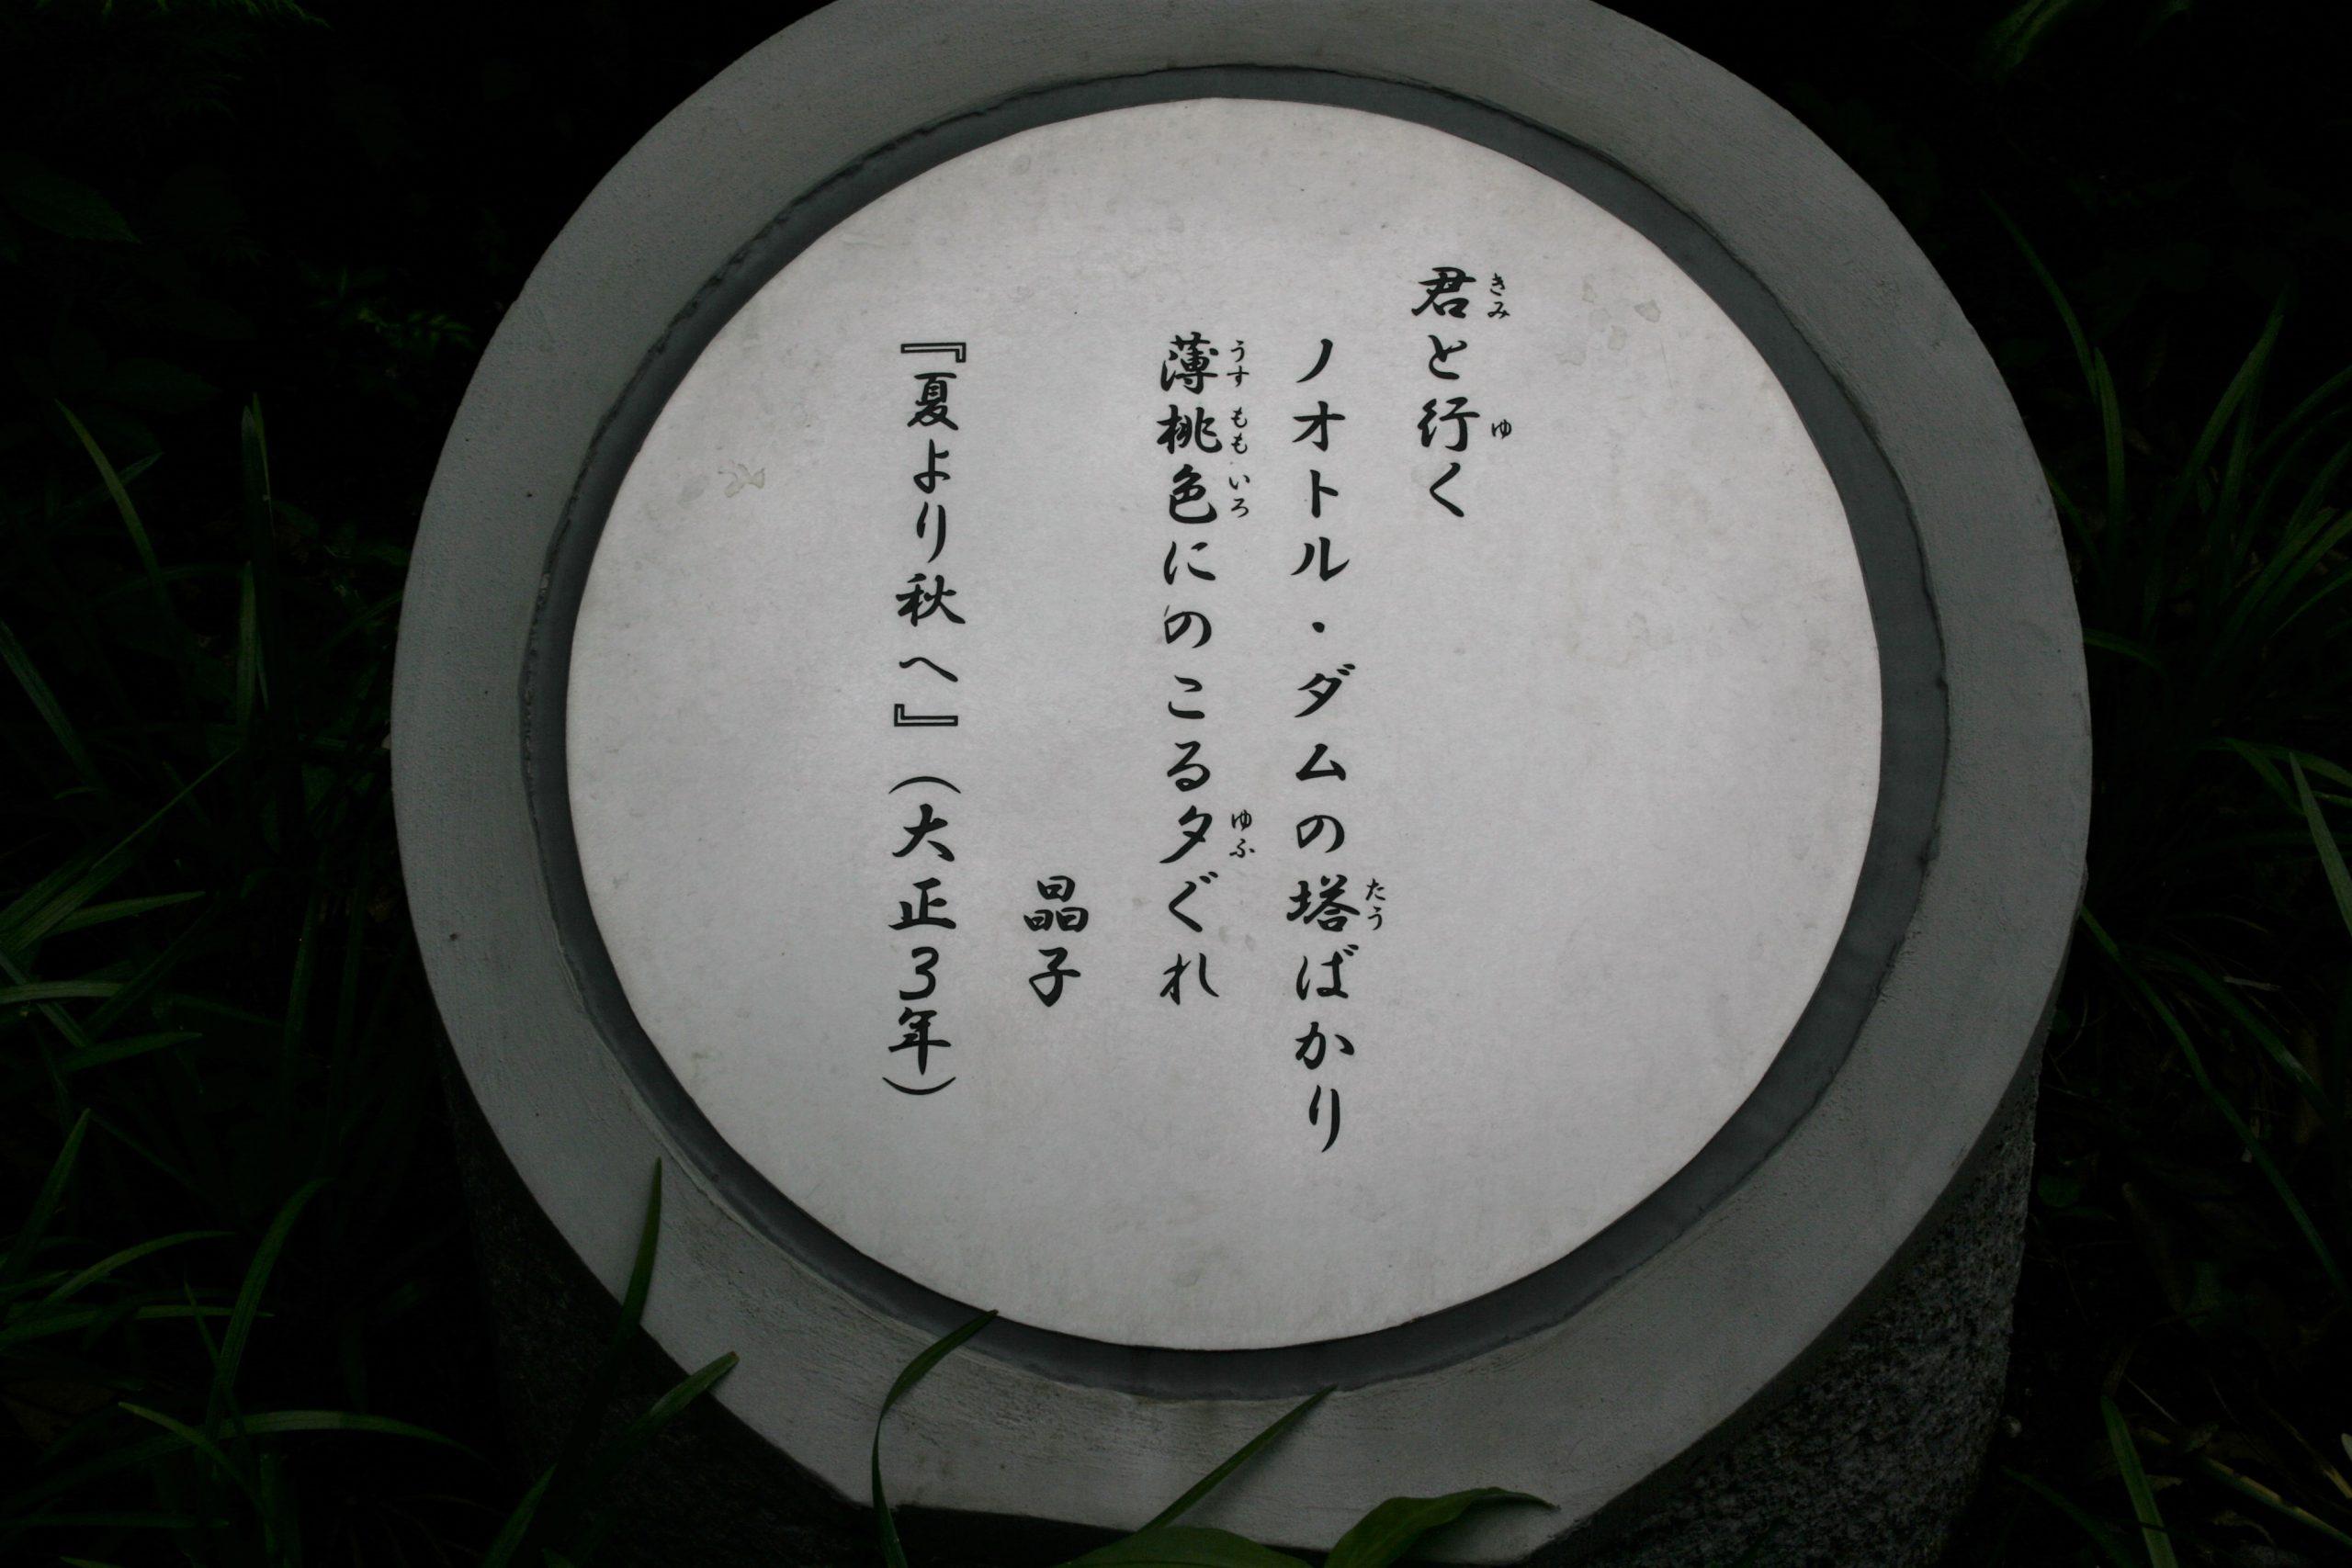 与謝野晶子が詠んだ和歌の石碑